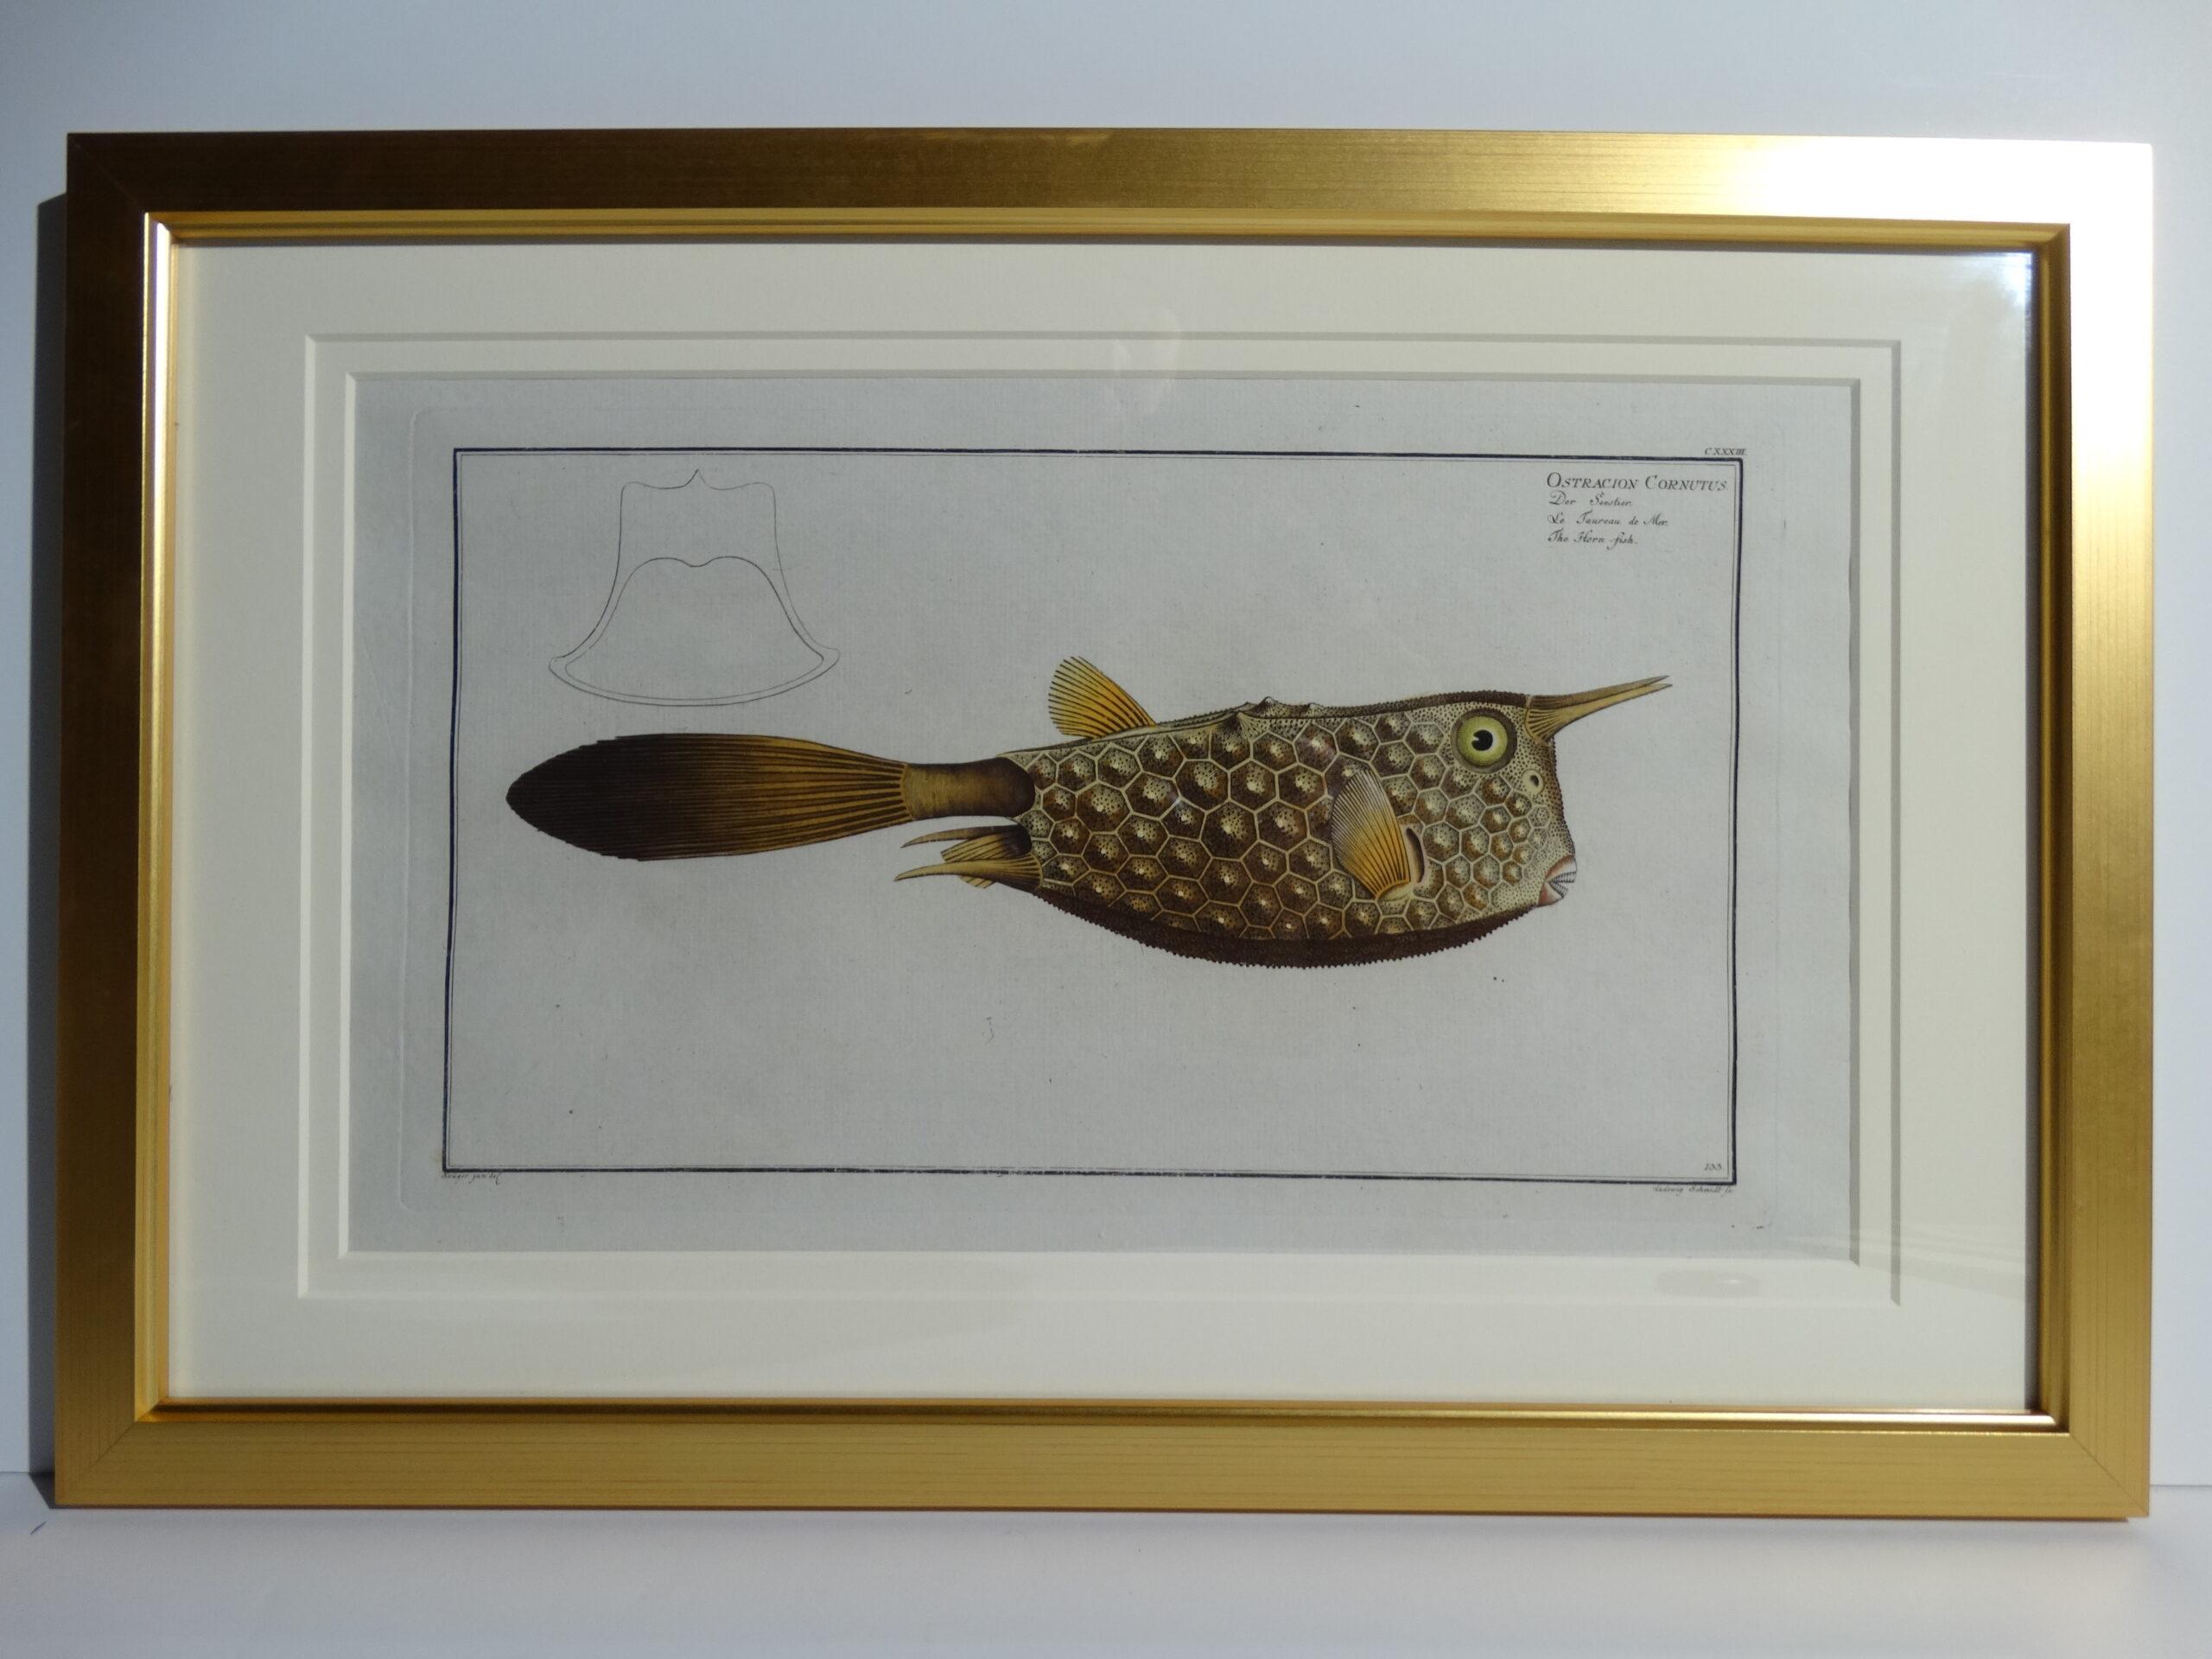 Bloch Fish Engraving Framed7